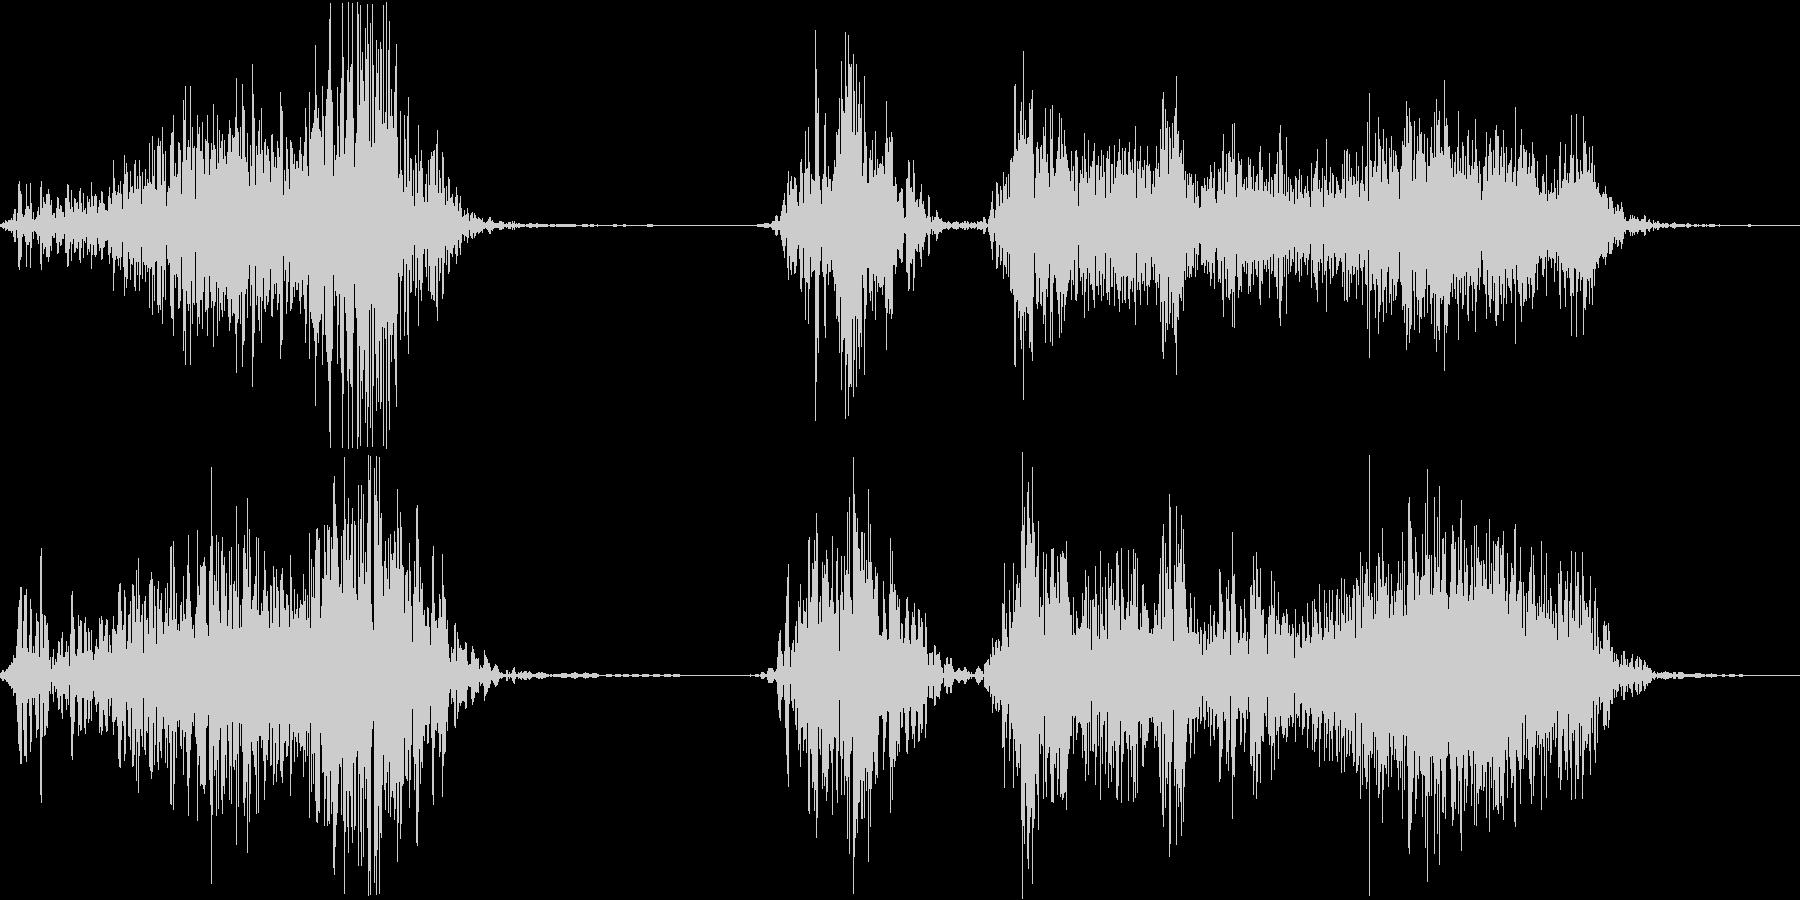 チャックを開ける音の未再生の波形